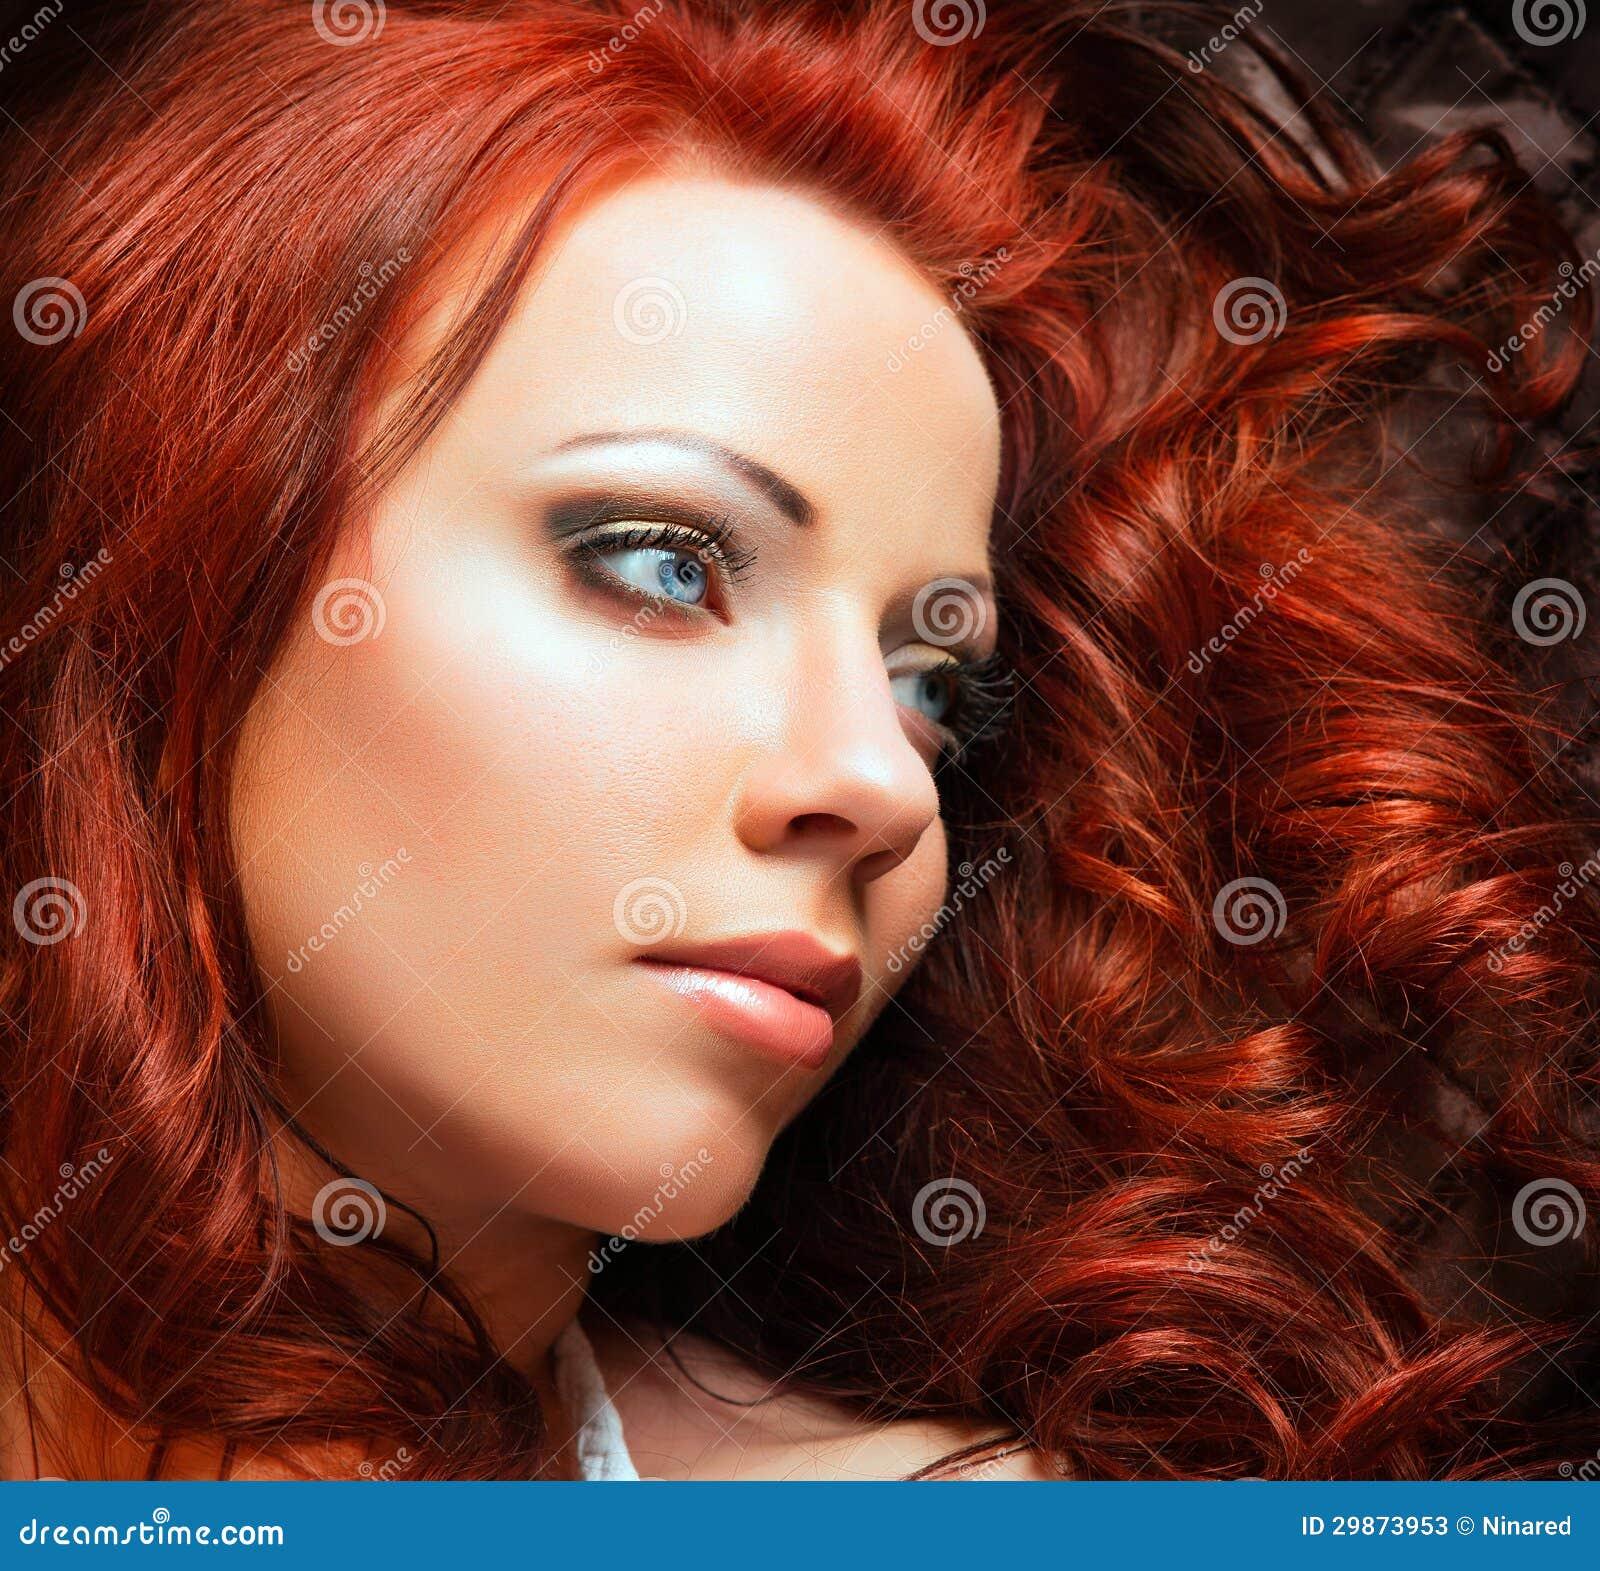 1600x1200 woman red hair - photo #4